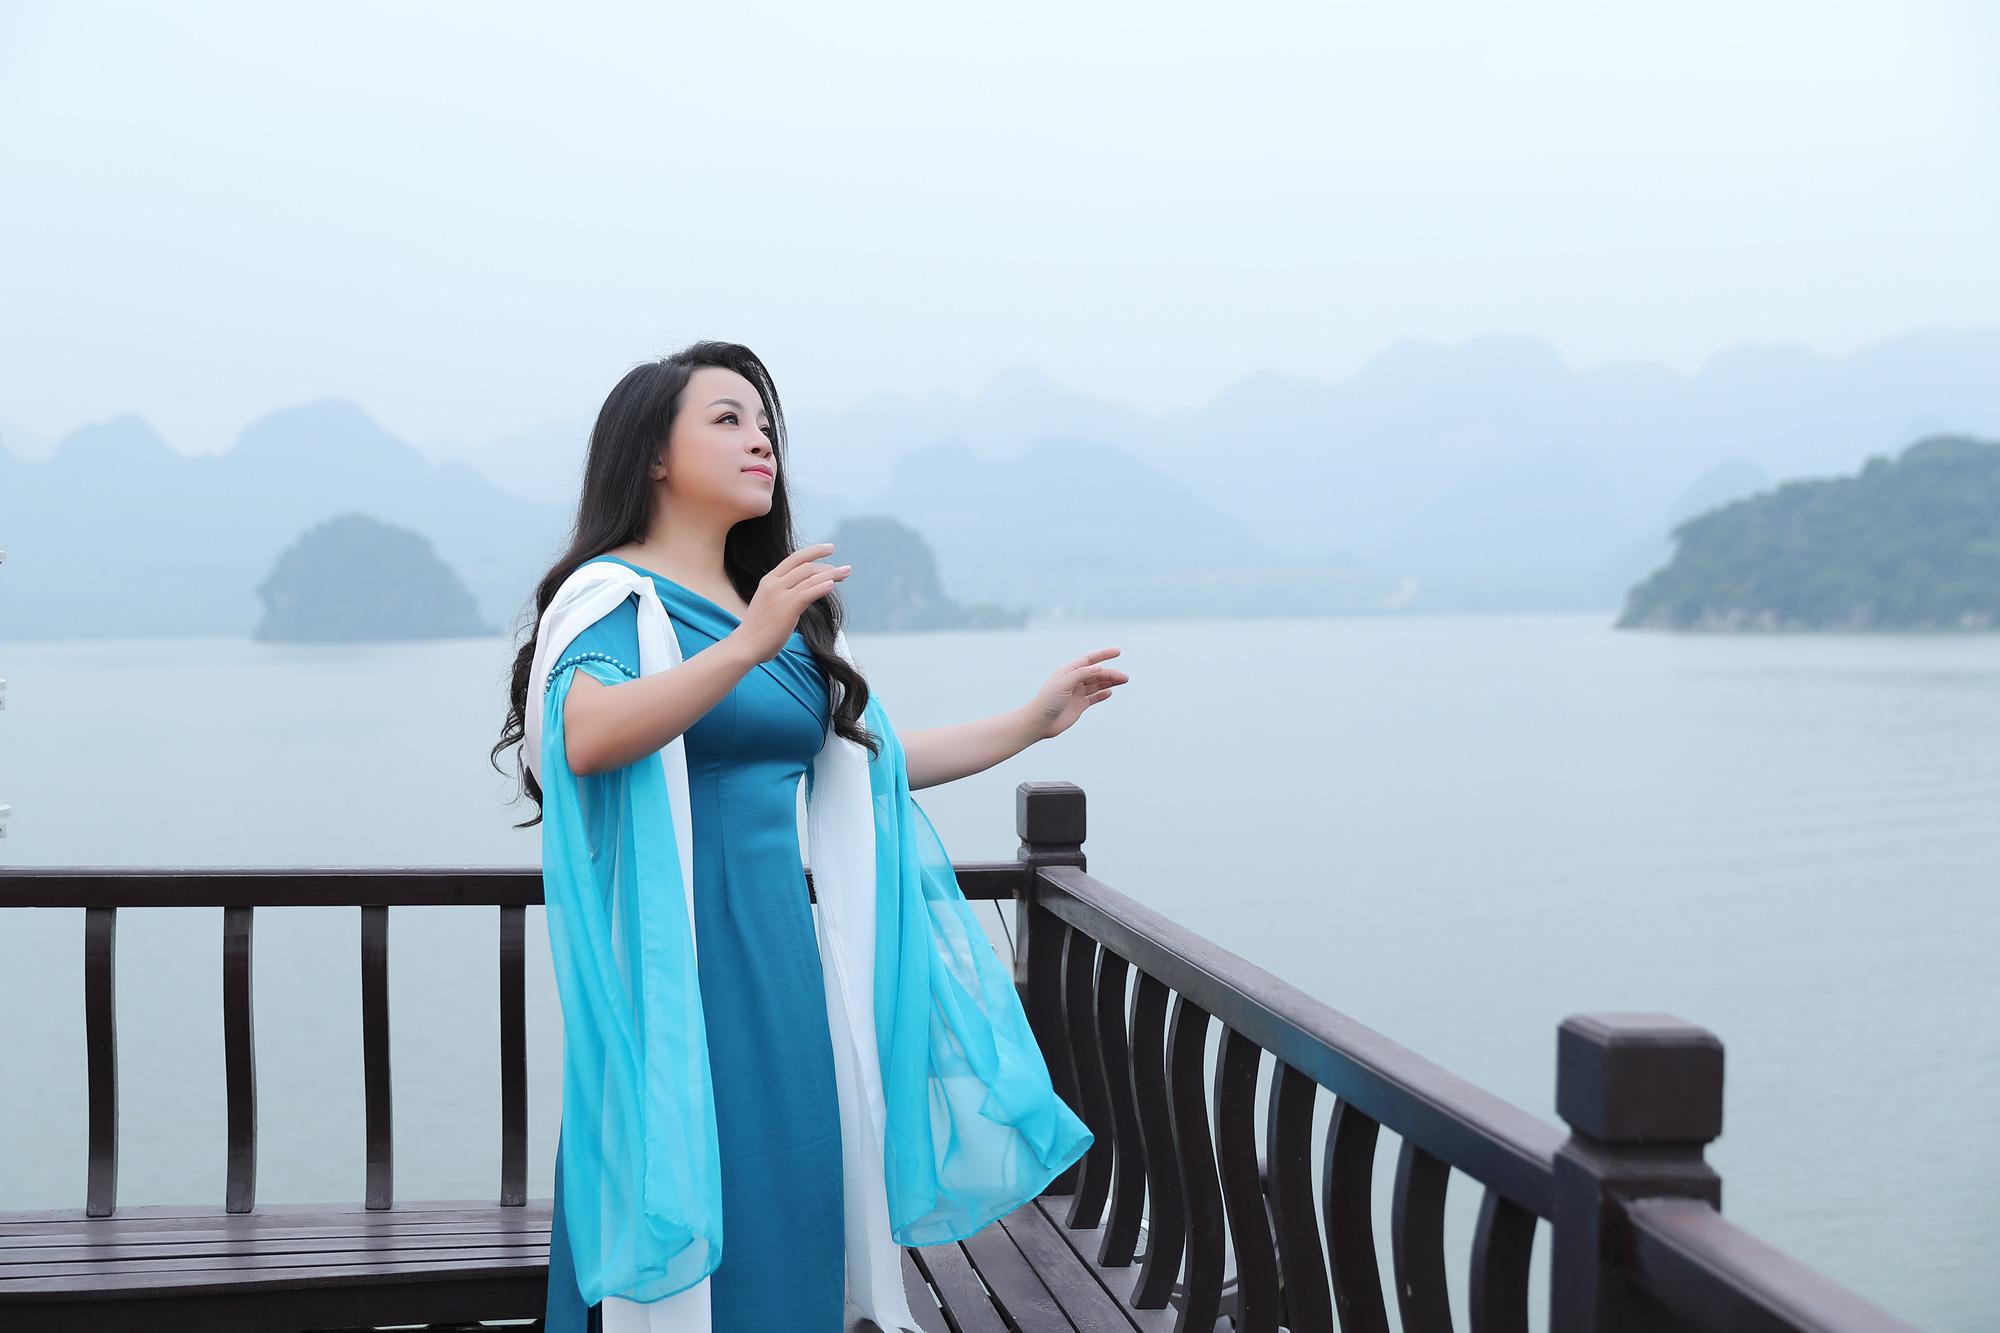 Á quân giọng hát hay Hà Nội tát bạn diễn sưng má trong phim ca nhạc - Ảnh 4.